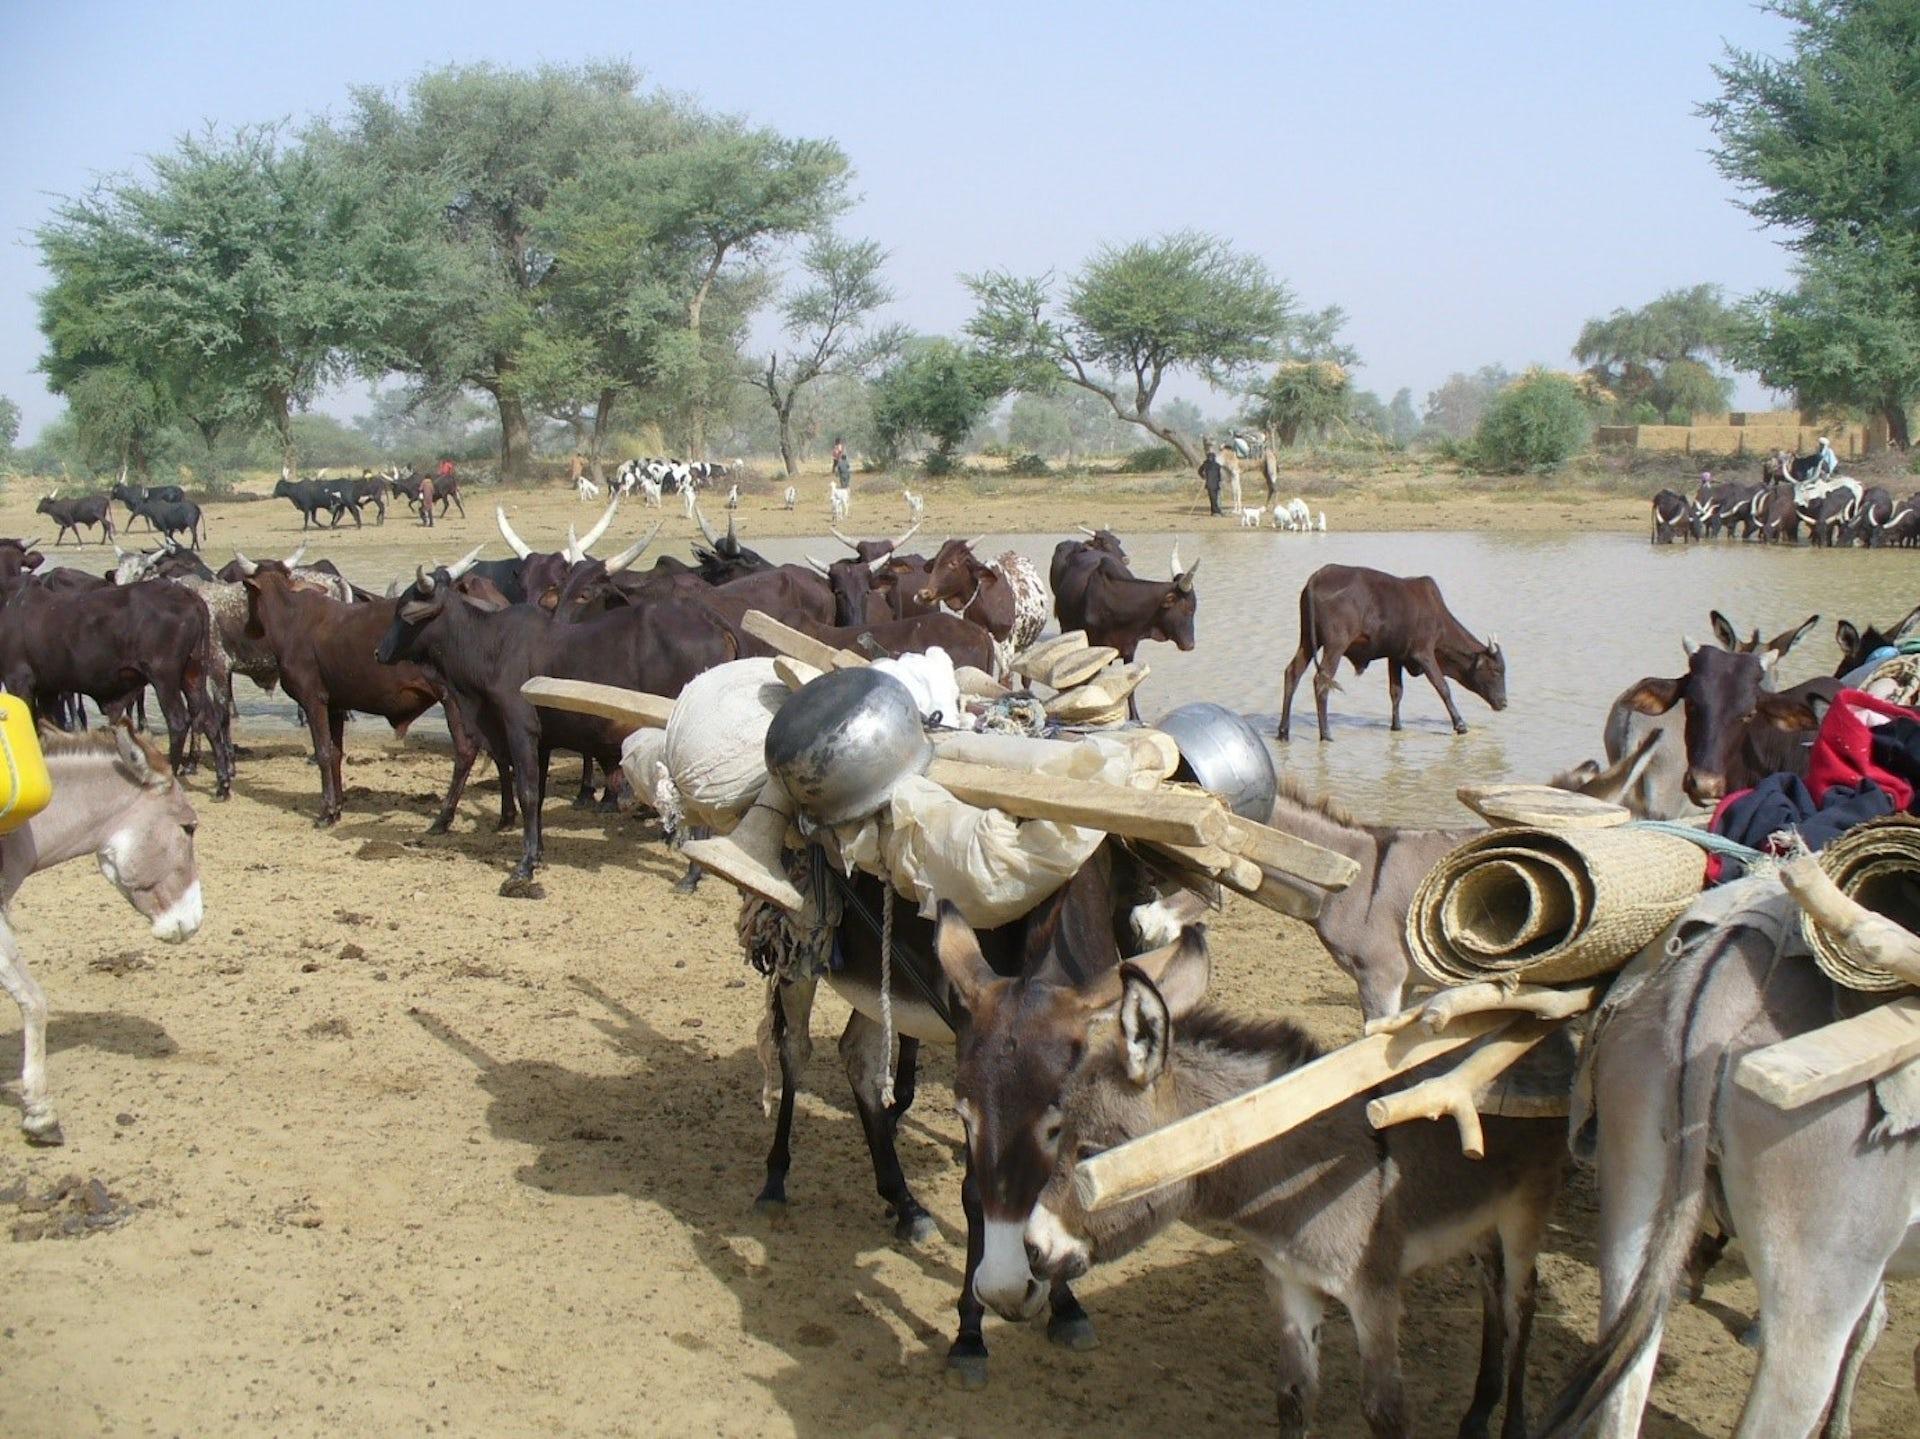 Au Sahel, maintenir l'élevage pastoral pour s'adapter au changement climatique